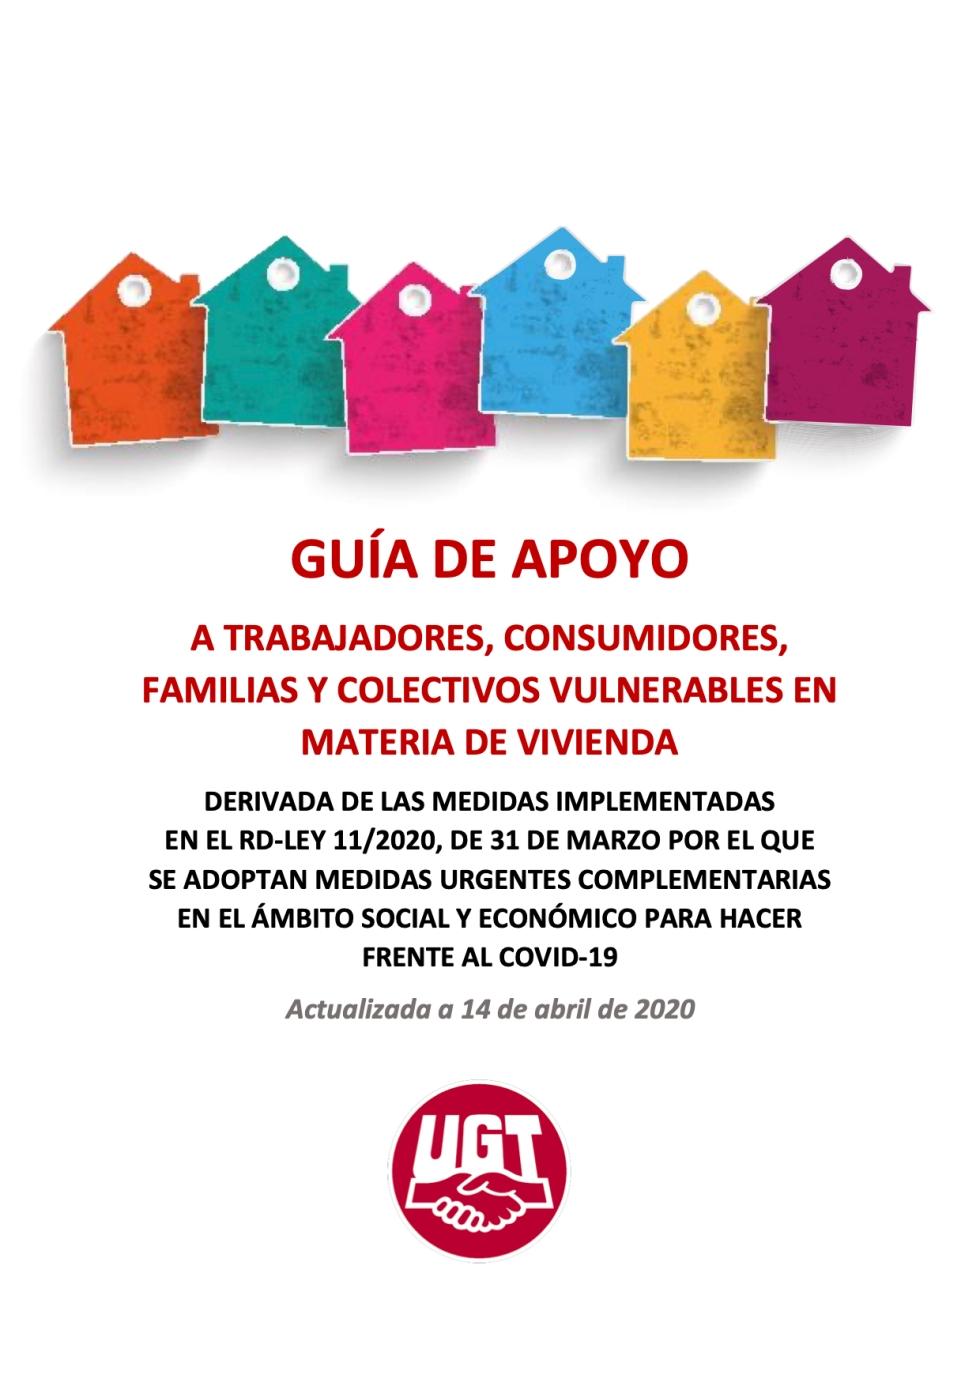 GUÍA DE APOYO A TRABAJADORES, CONSUMIDORES, FAMILIAS Y COLECTIVOS VULNERABLES EN MATERIA DE VIVIENDA